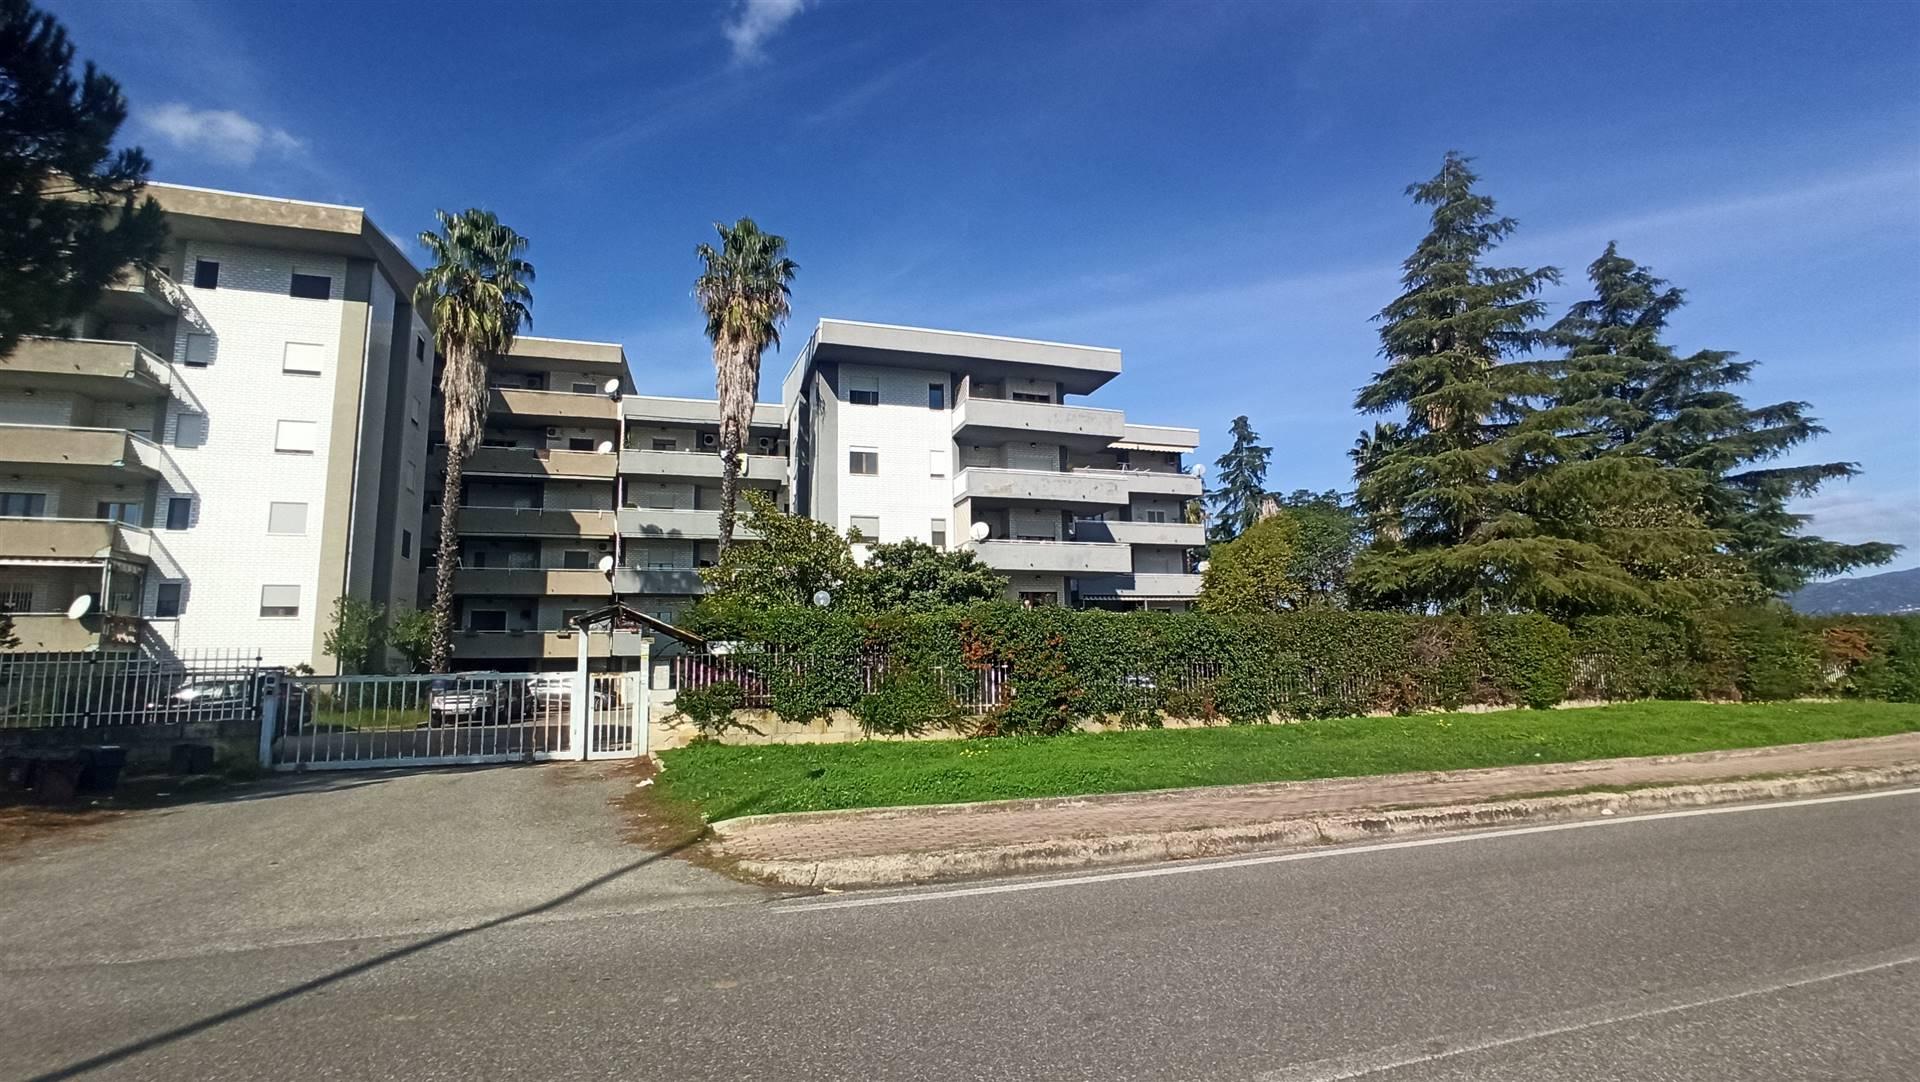 Appartamento in vendita a Rende, 7 locali, zona Località: COMMENDA, prezzo € 170.000   PortaleAgenzieImmobiliari.it